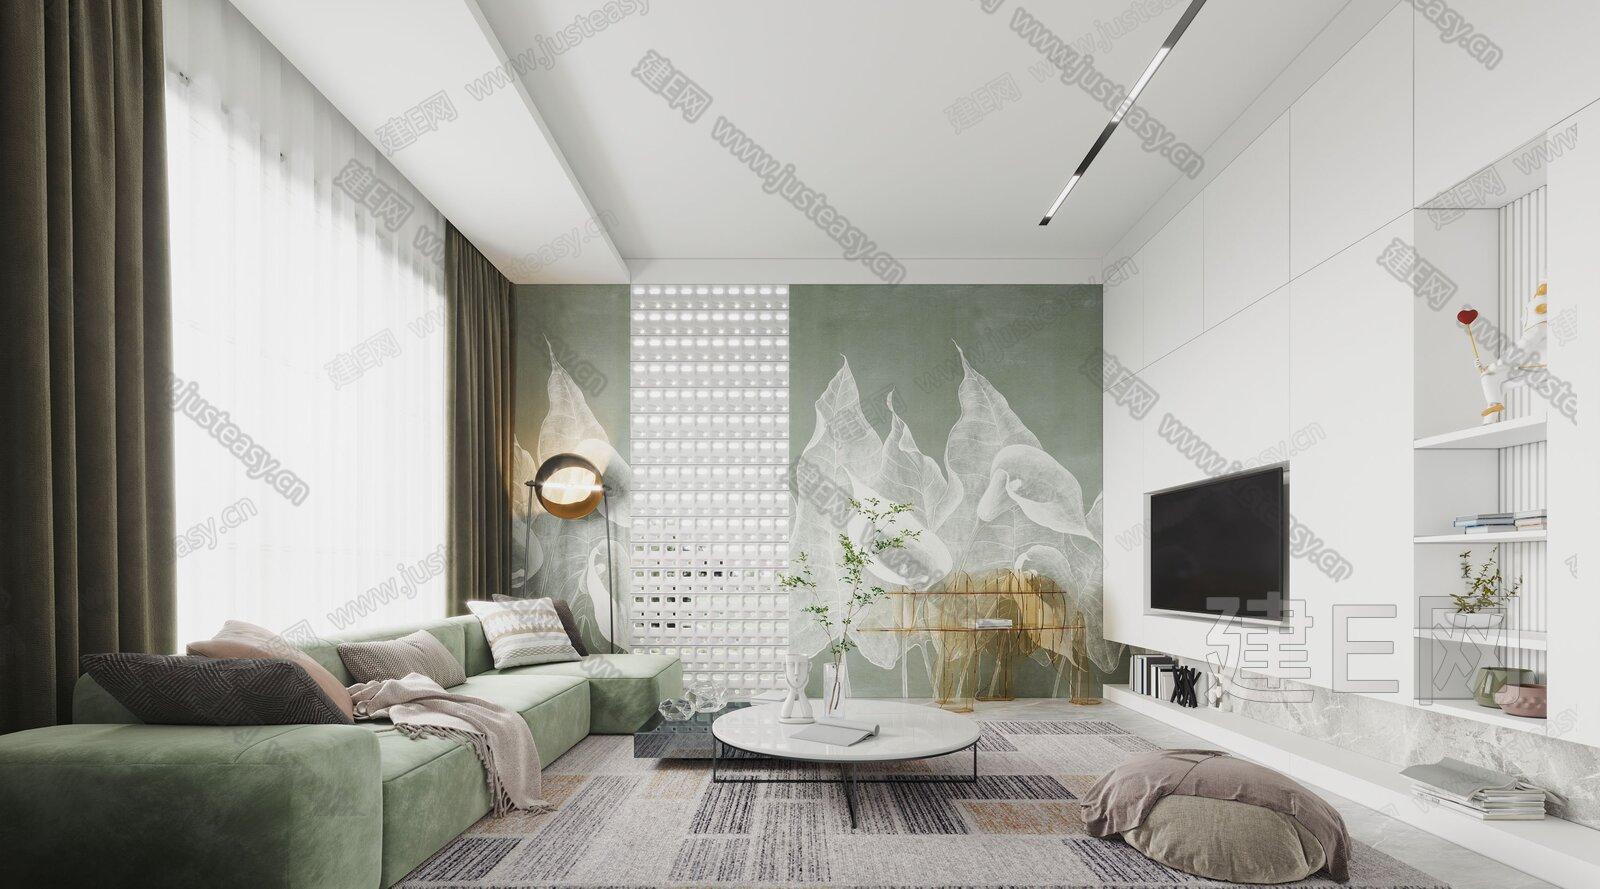 现代简约客厅 3d模型